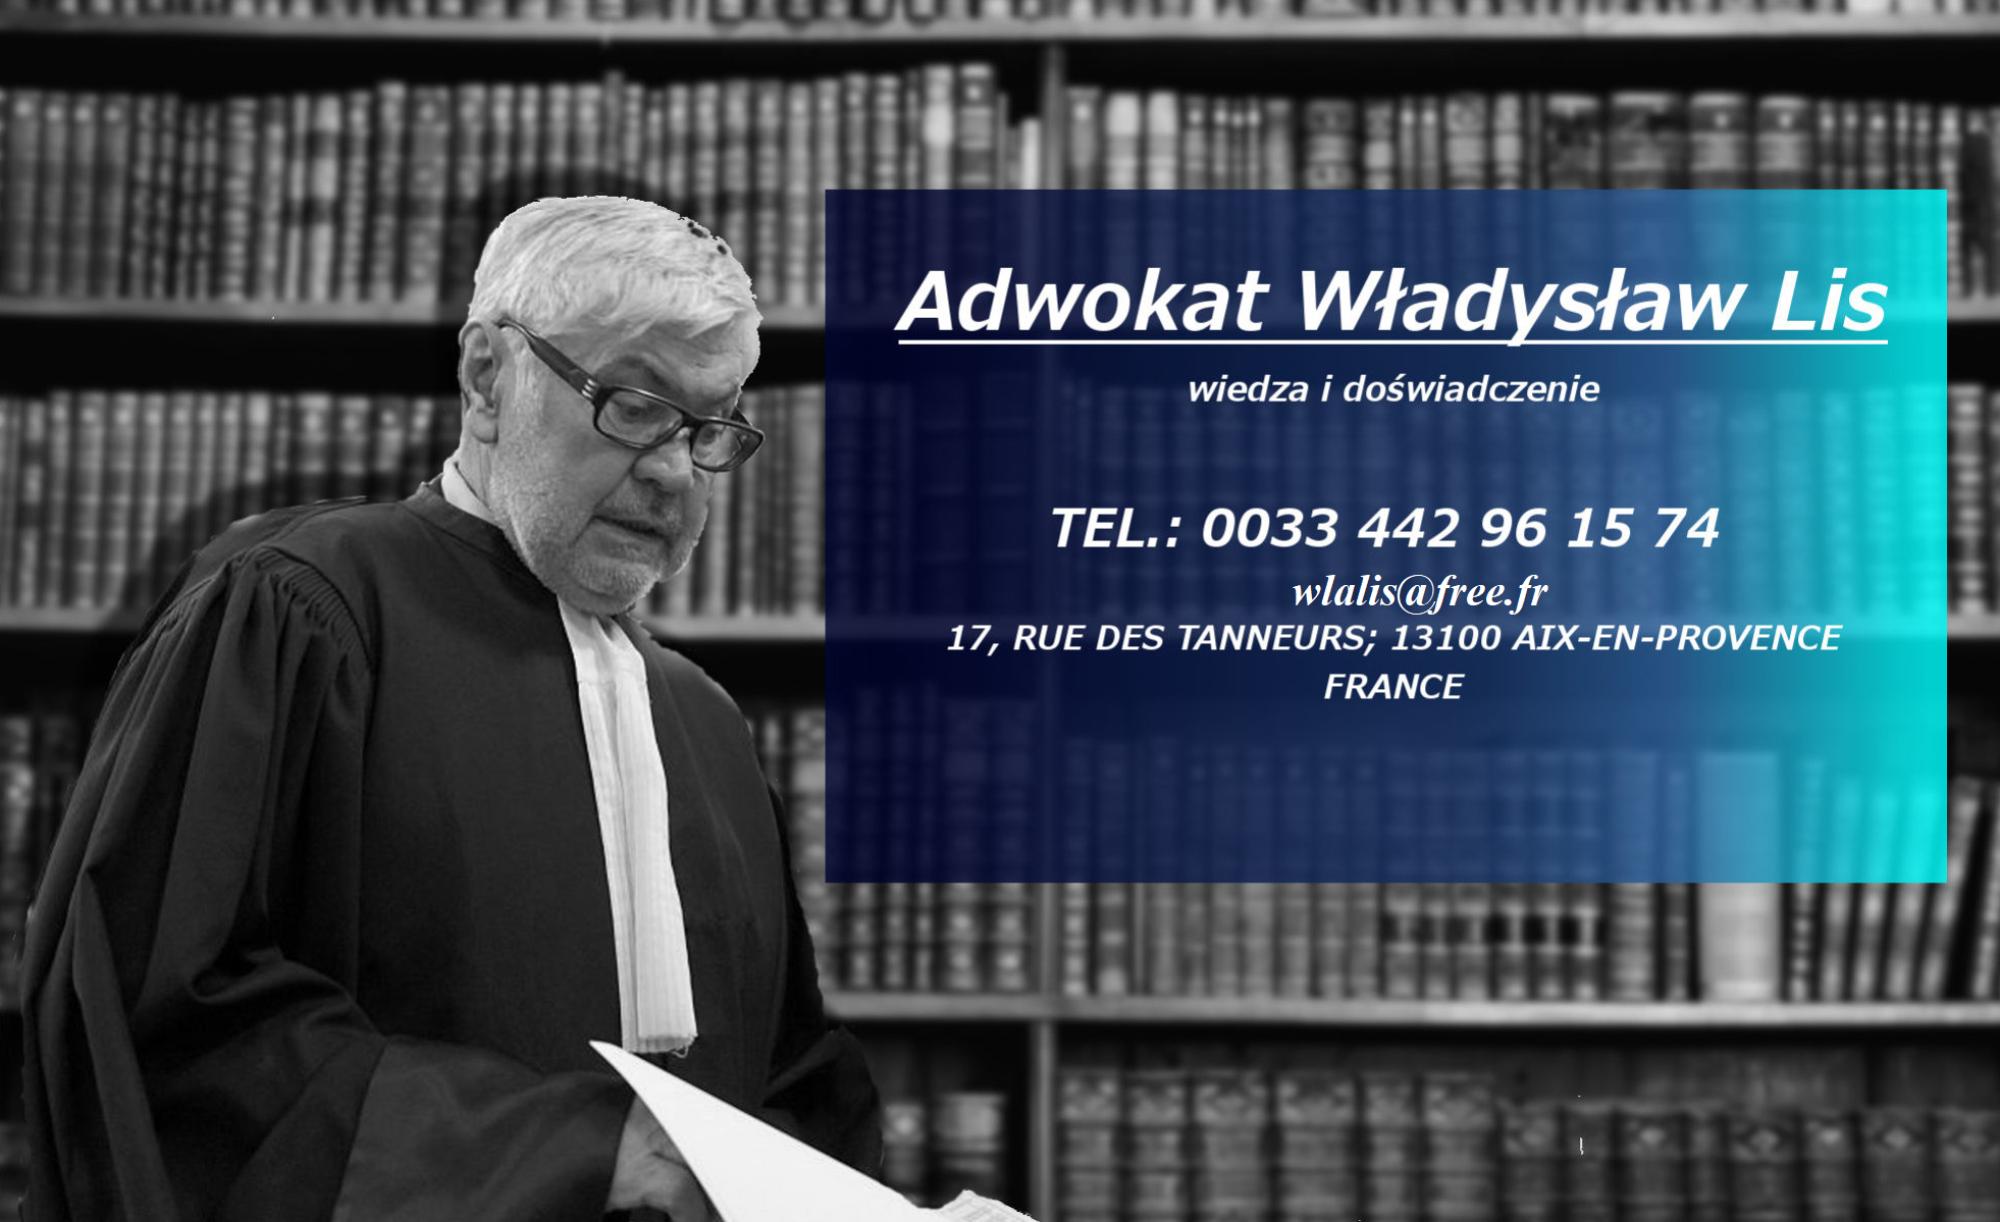 Kancelaria Adwokacka Władysław Lis